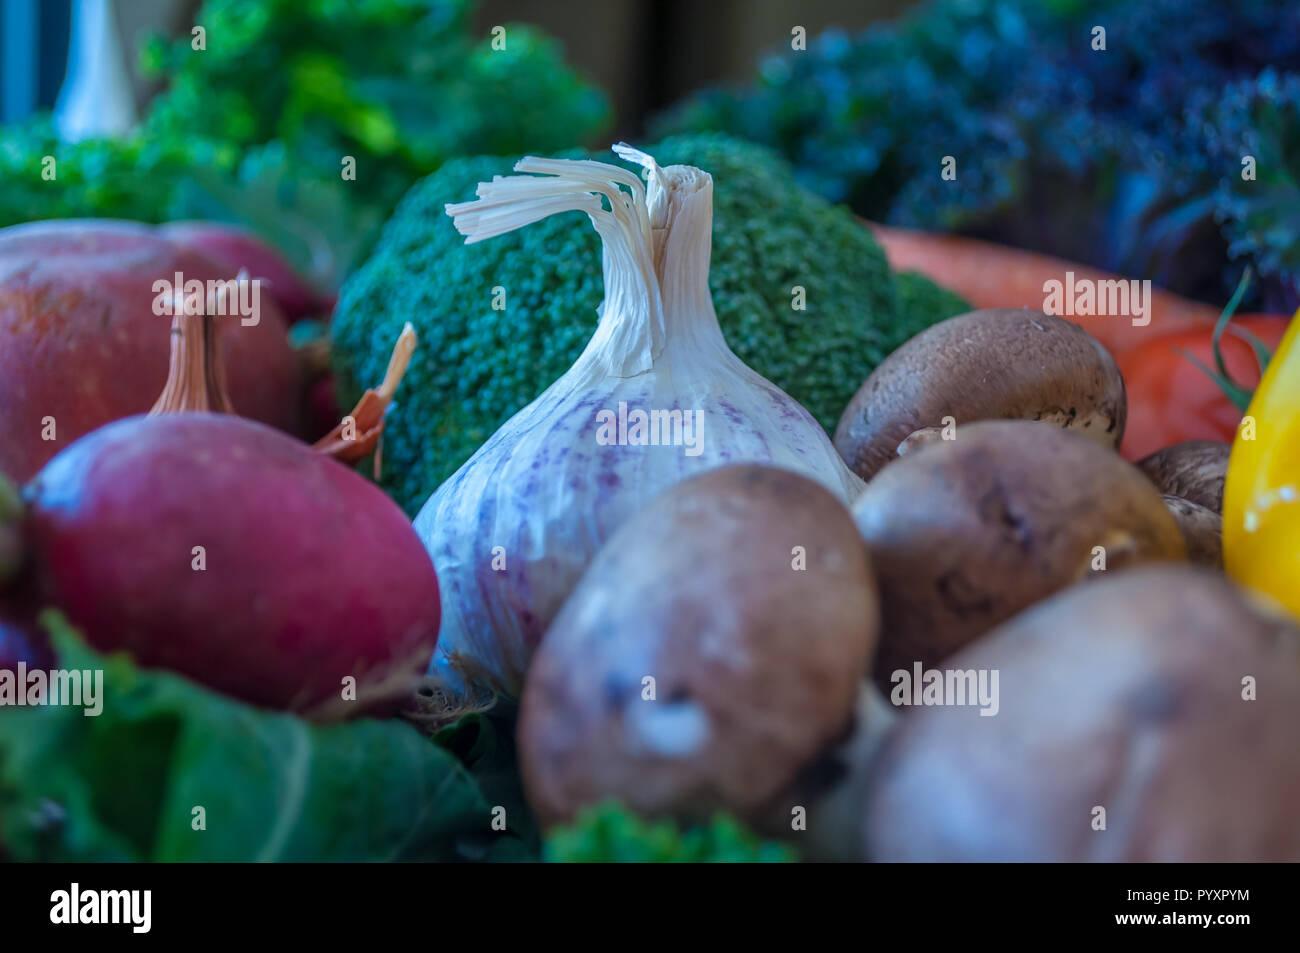 Propagation végétale avec espace pour copier Photo Stock